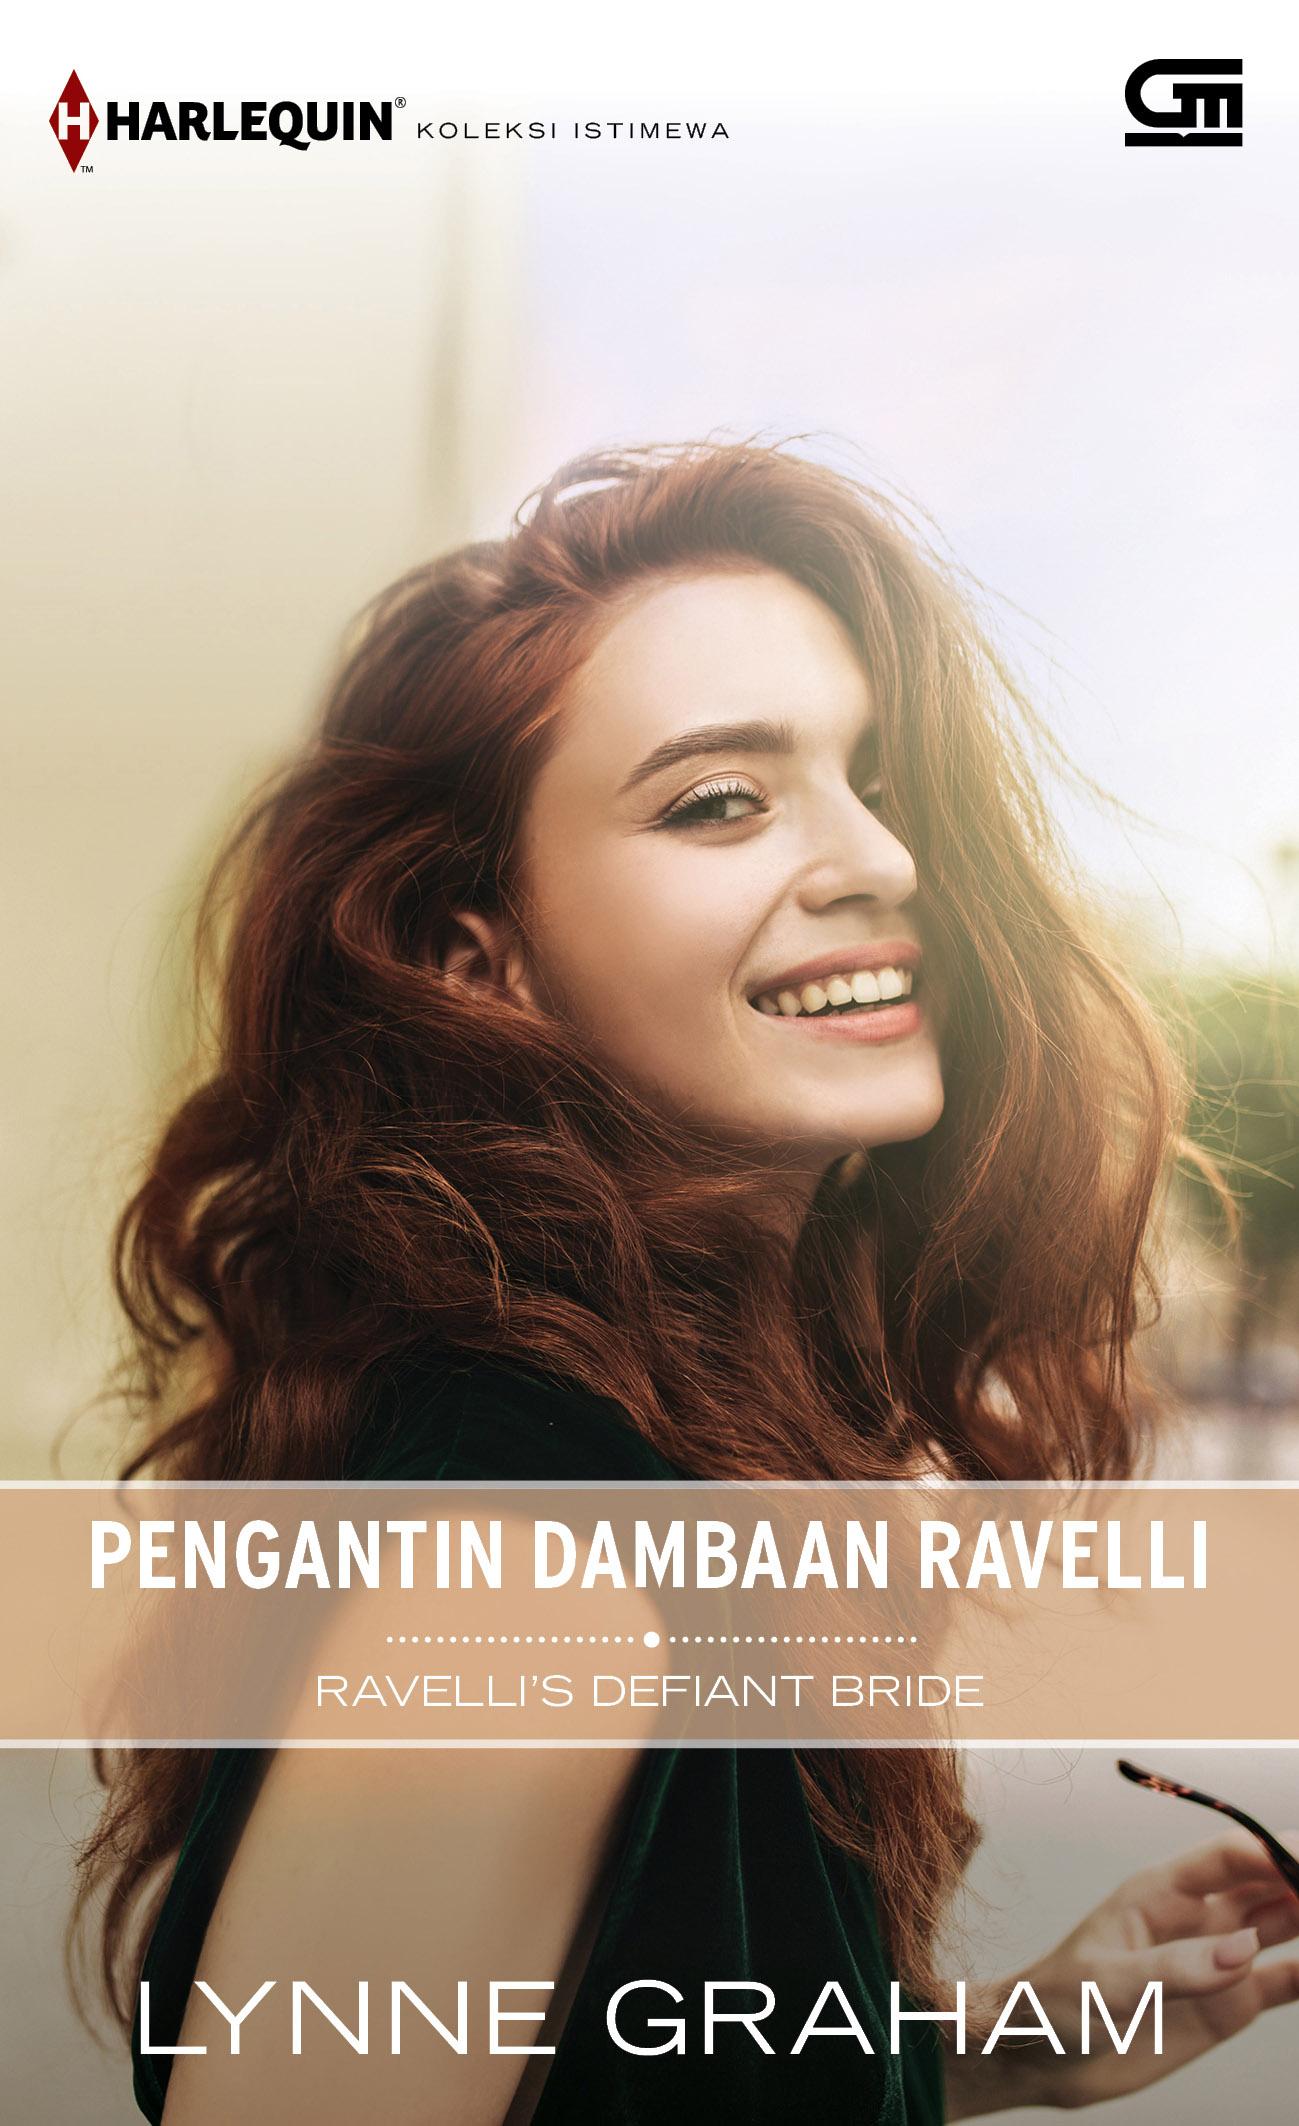 Harlequin Koleksi Istimewa: Pengantin Dambaan Ravelli (Ravelli\'s Defiant Bride)